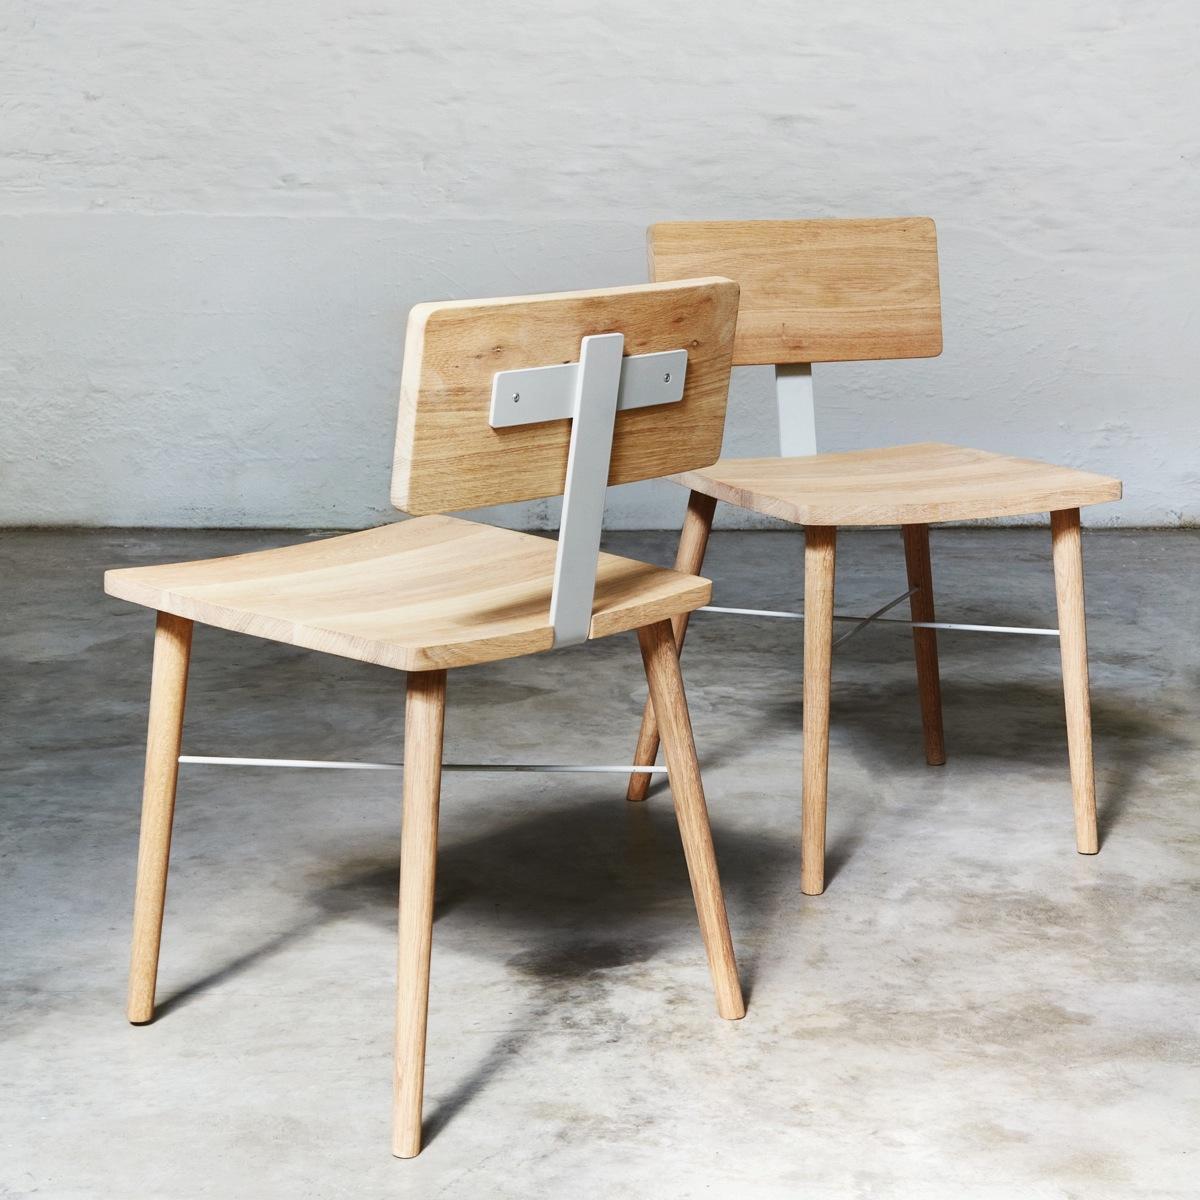 2 dowel chairs